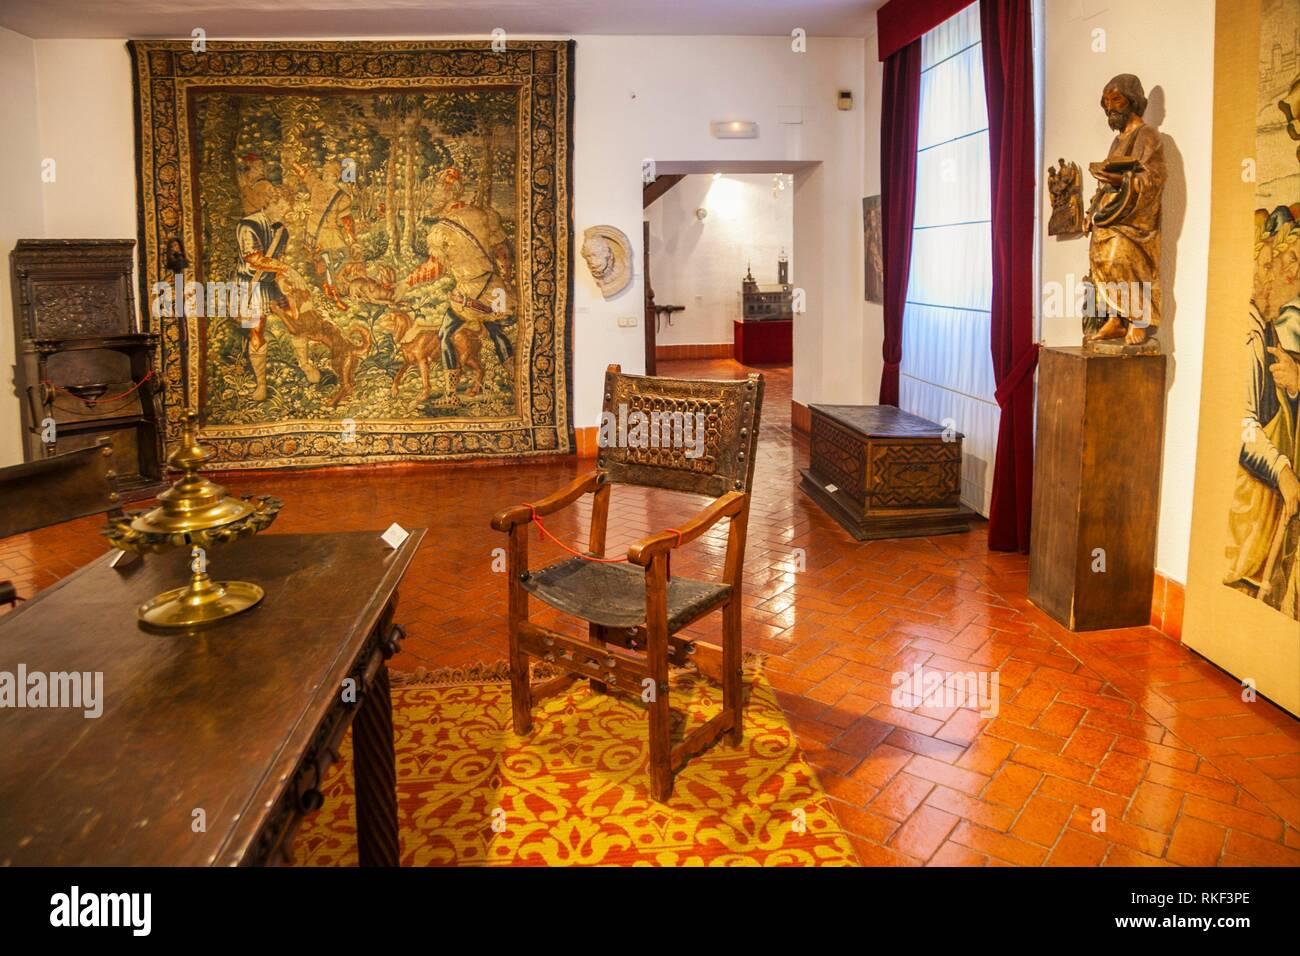 Armchair of the Devil, 16th century, Museum of Valladolid, Fabio Nelli de Espinosa Palace, Valladolid, Castilla y Leon, Spain - Stock Image